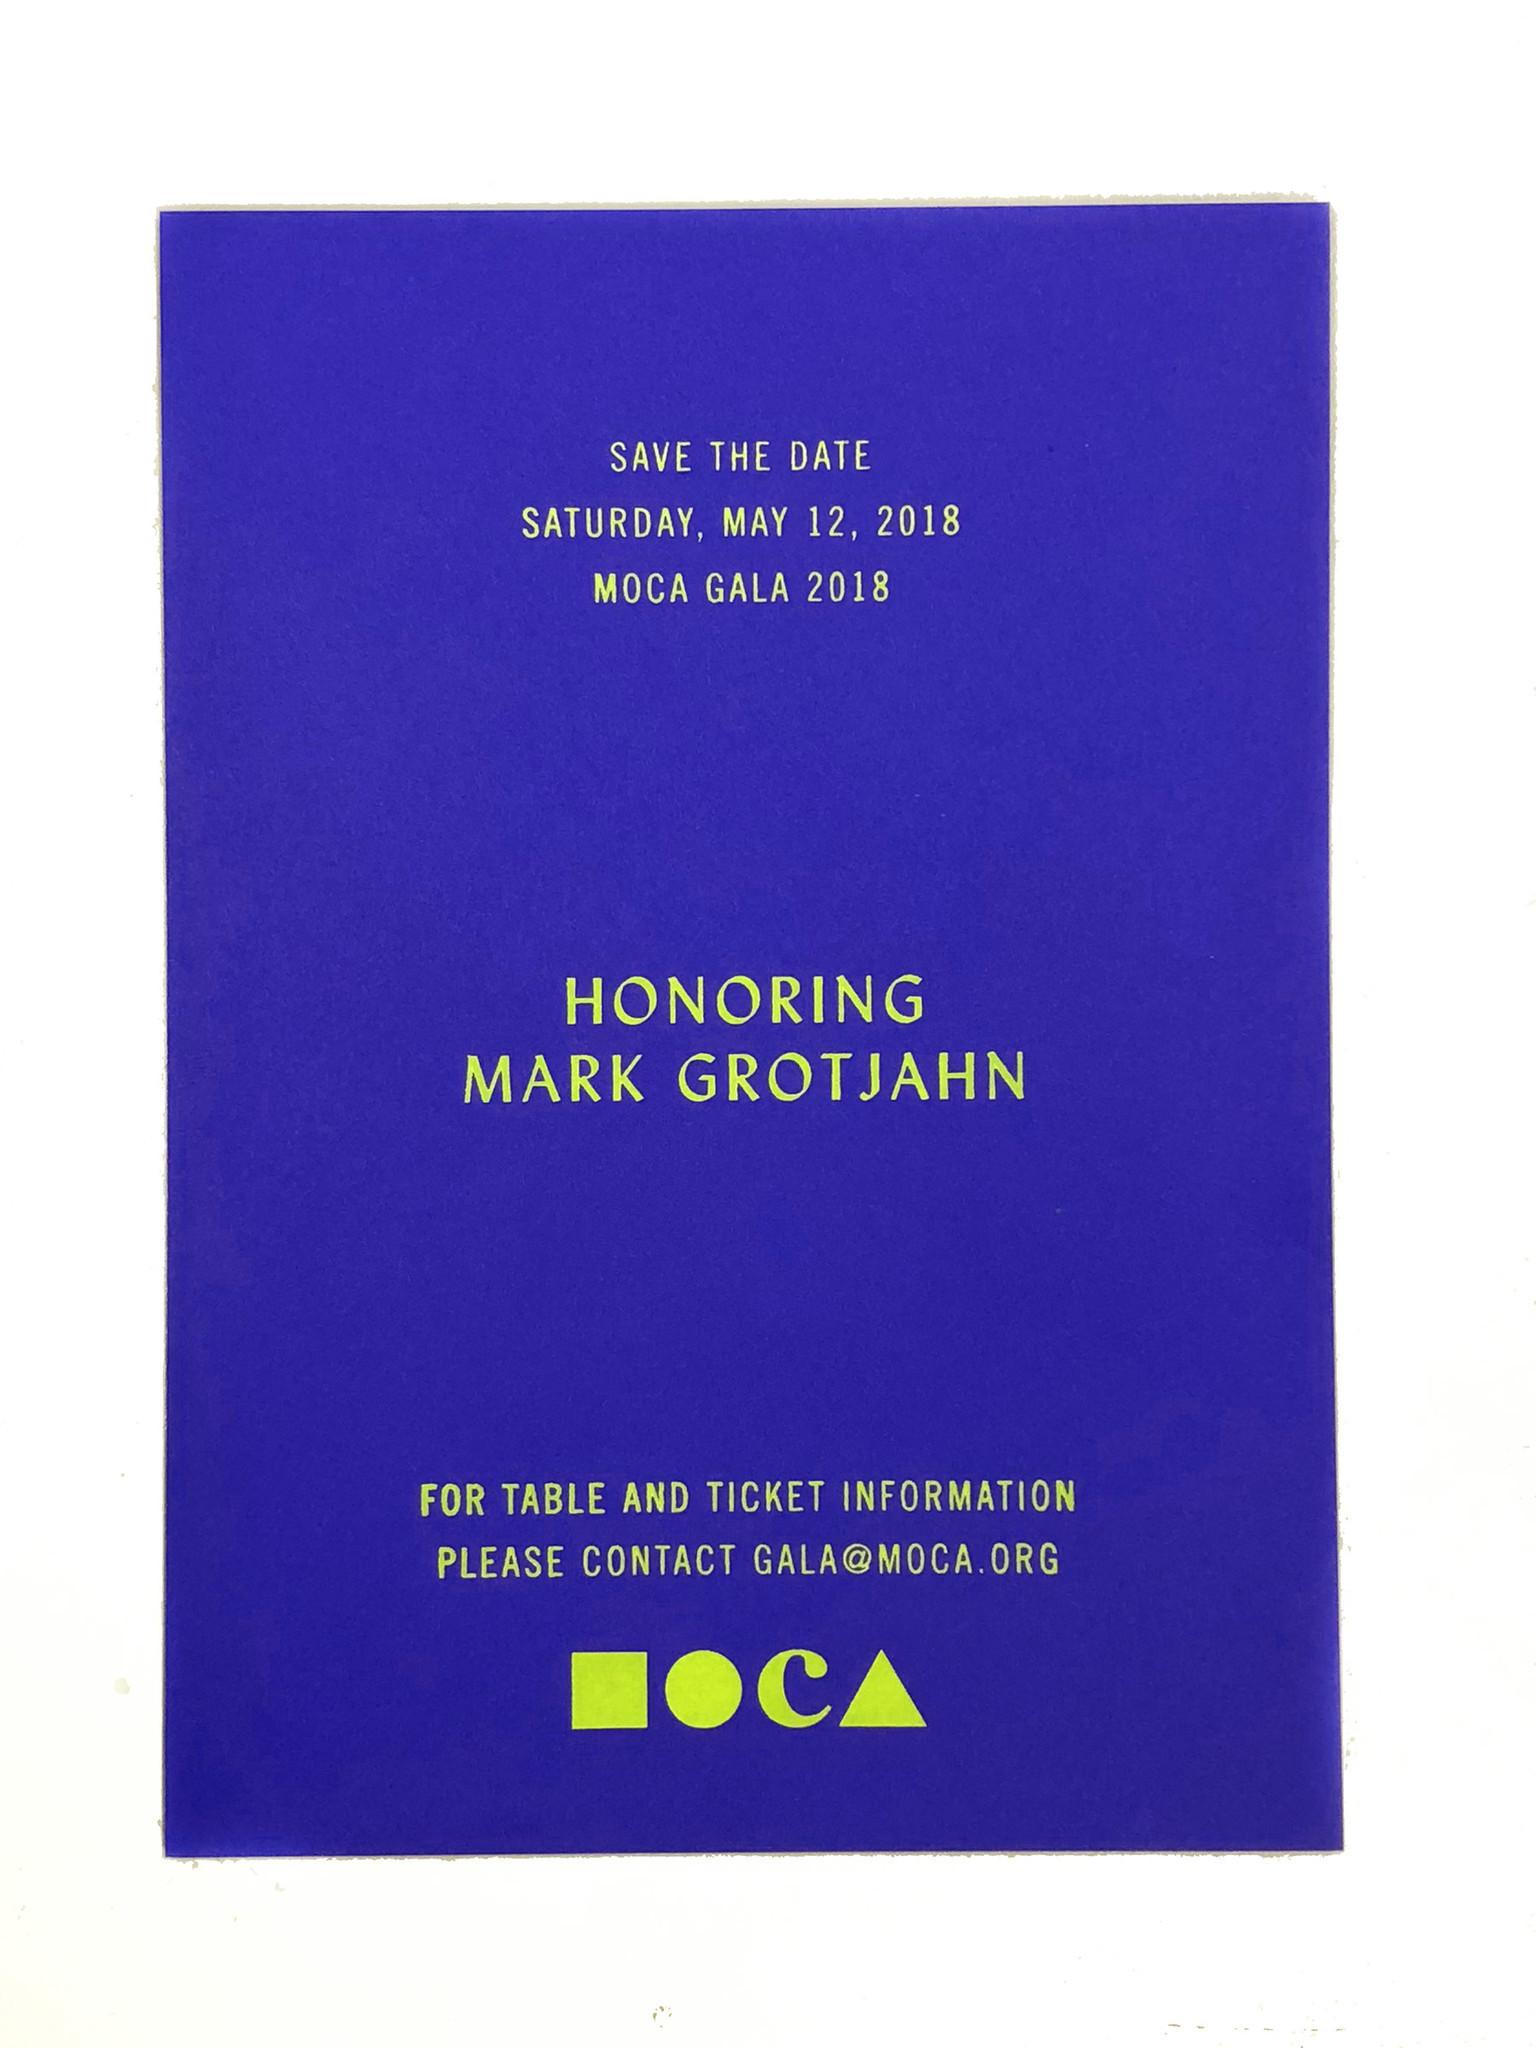 MOCA and Mark Grotjahn